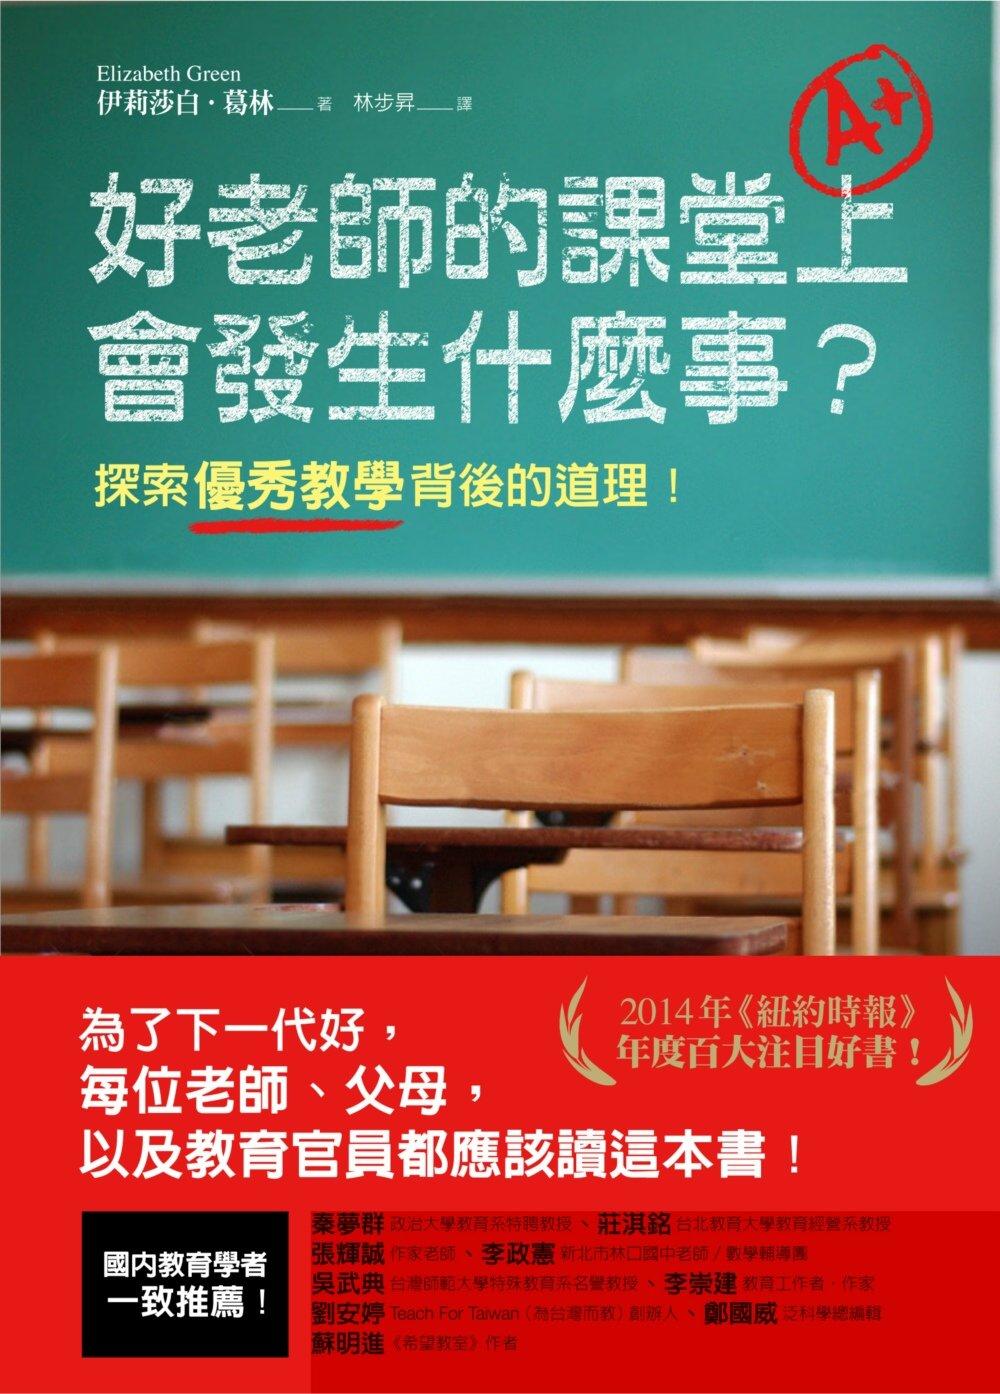 好老師的課堂上會發生什麼事?探索優秀教學背後的道理!